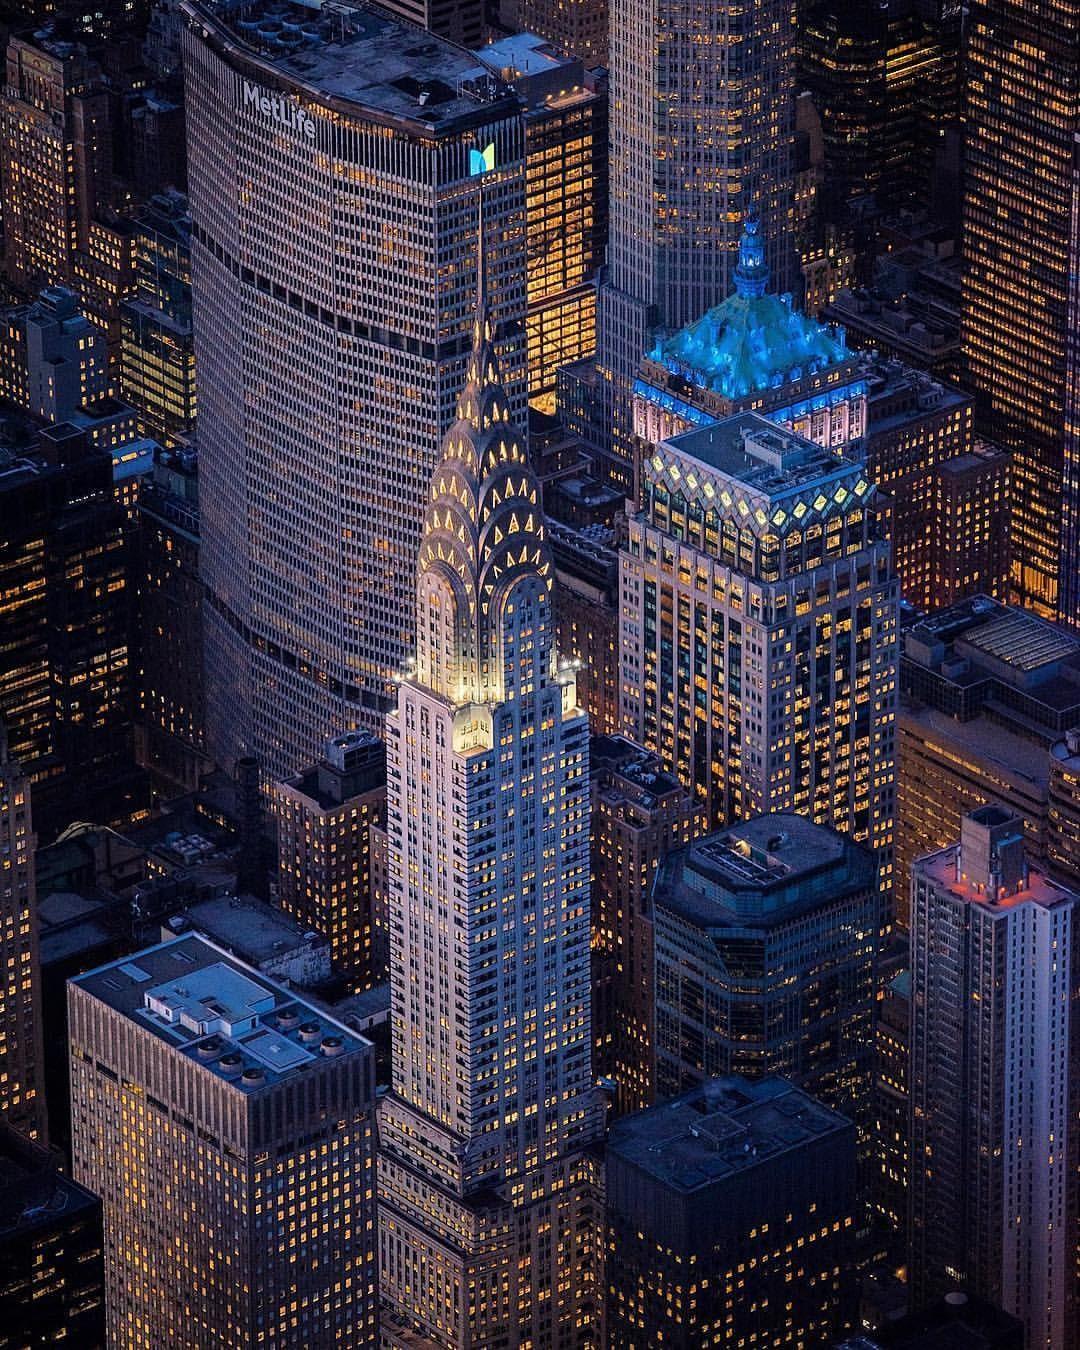 The Chrysler Building Es Un Rascacielos De Estilo Art Deco Ubicado